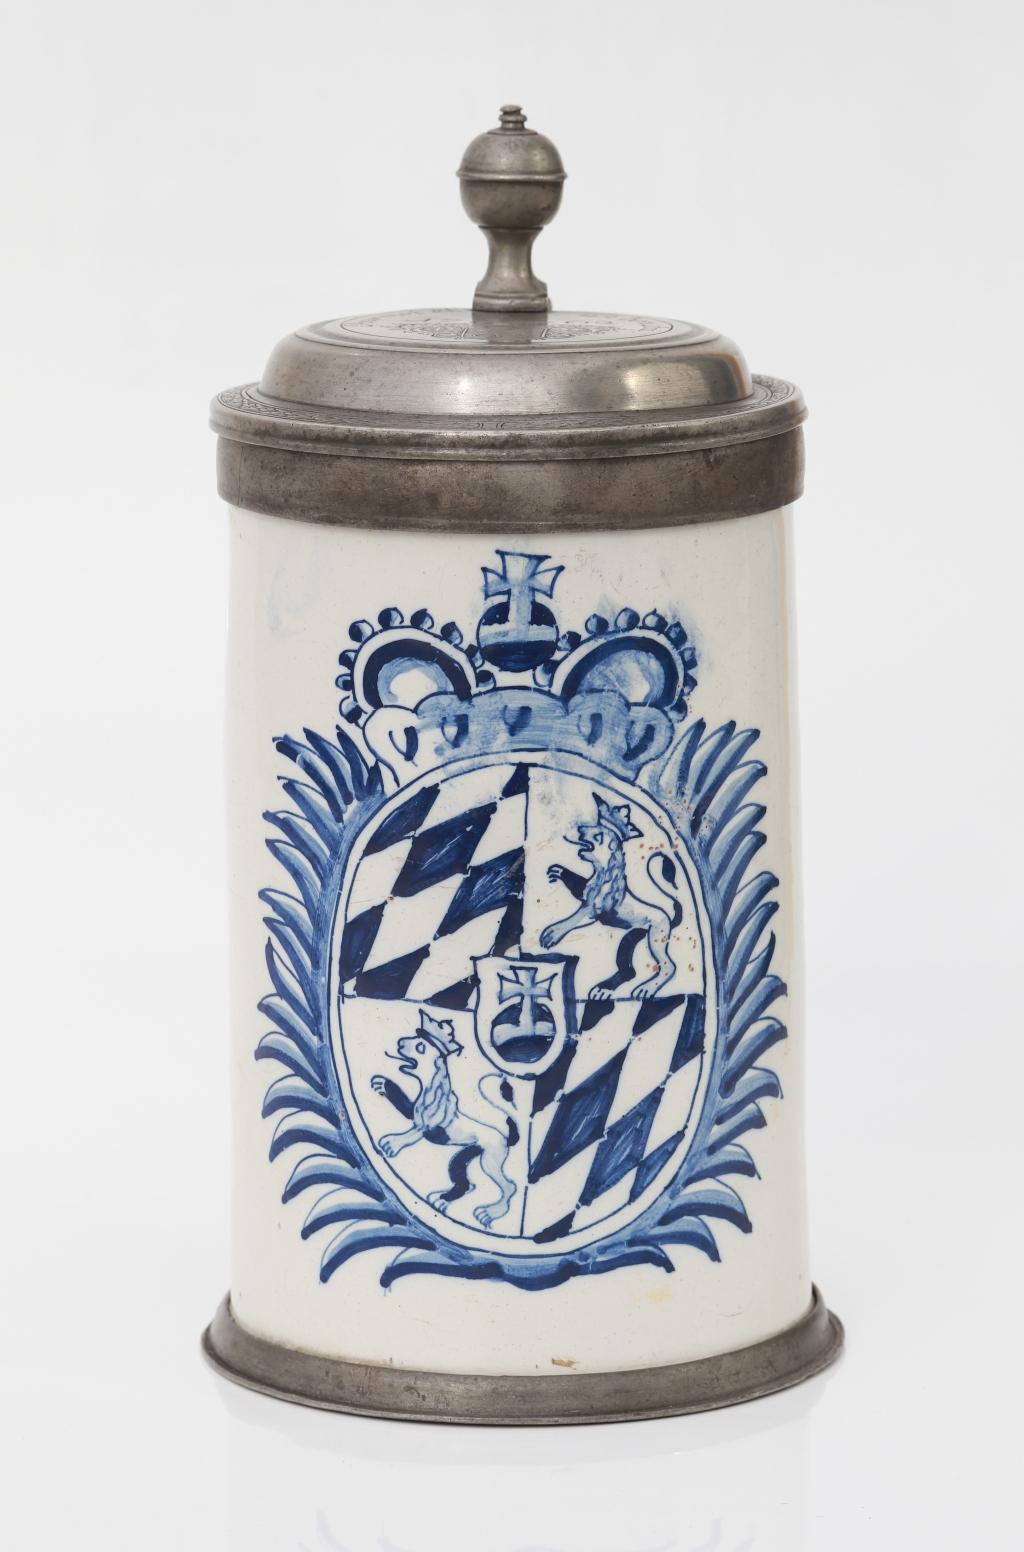 Friedberger Fayence Wappenkrug um 1762 Manufakturmarke CB